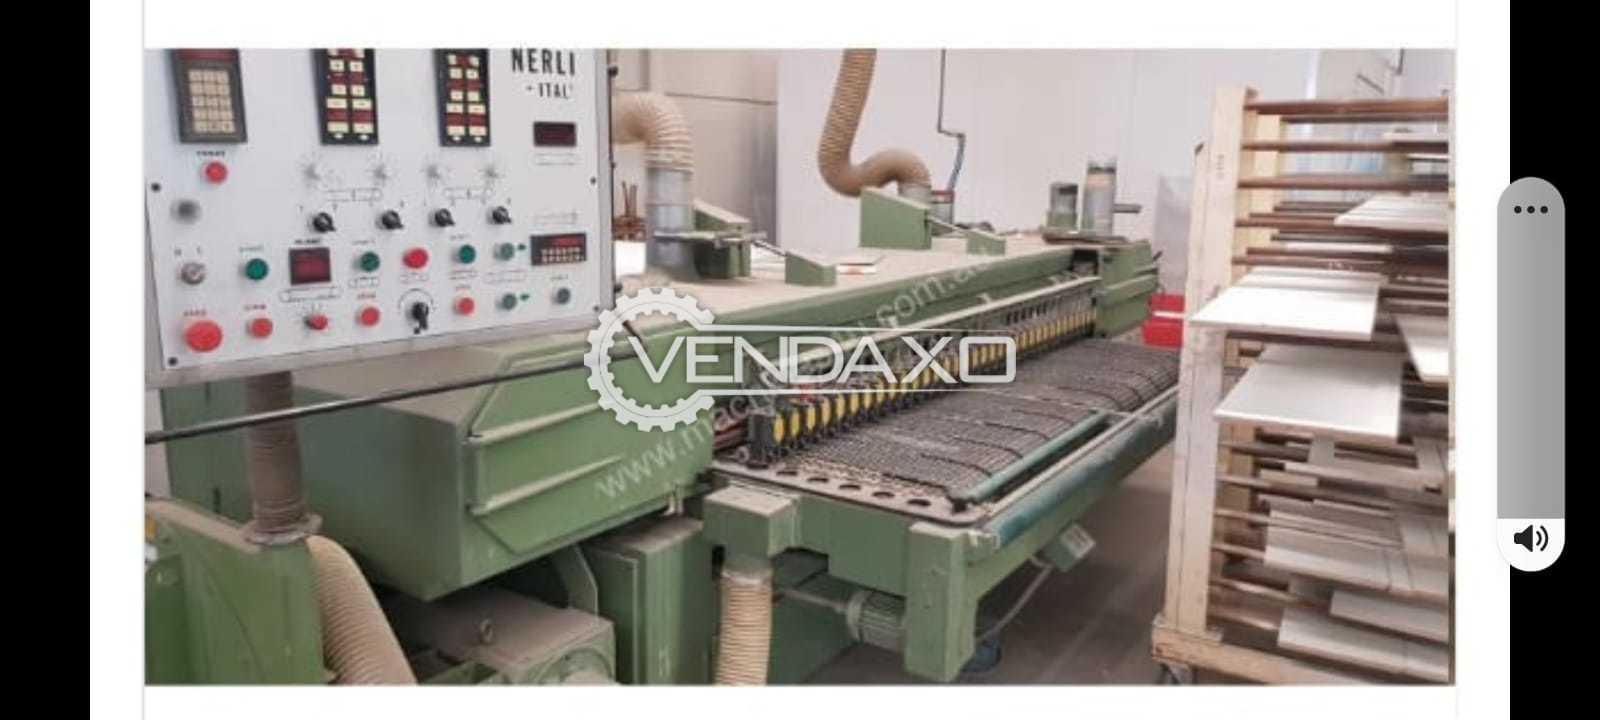 Nerli (Italy) Cross Belt Sanding Machine